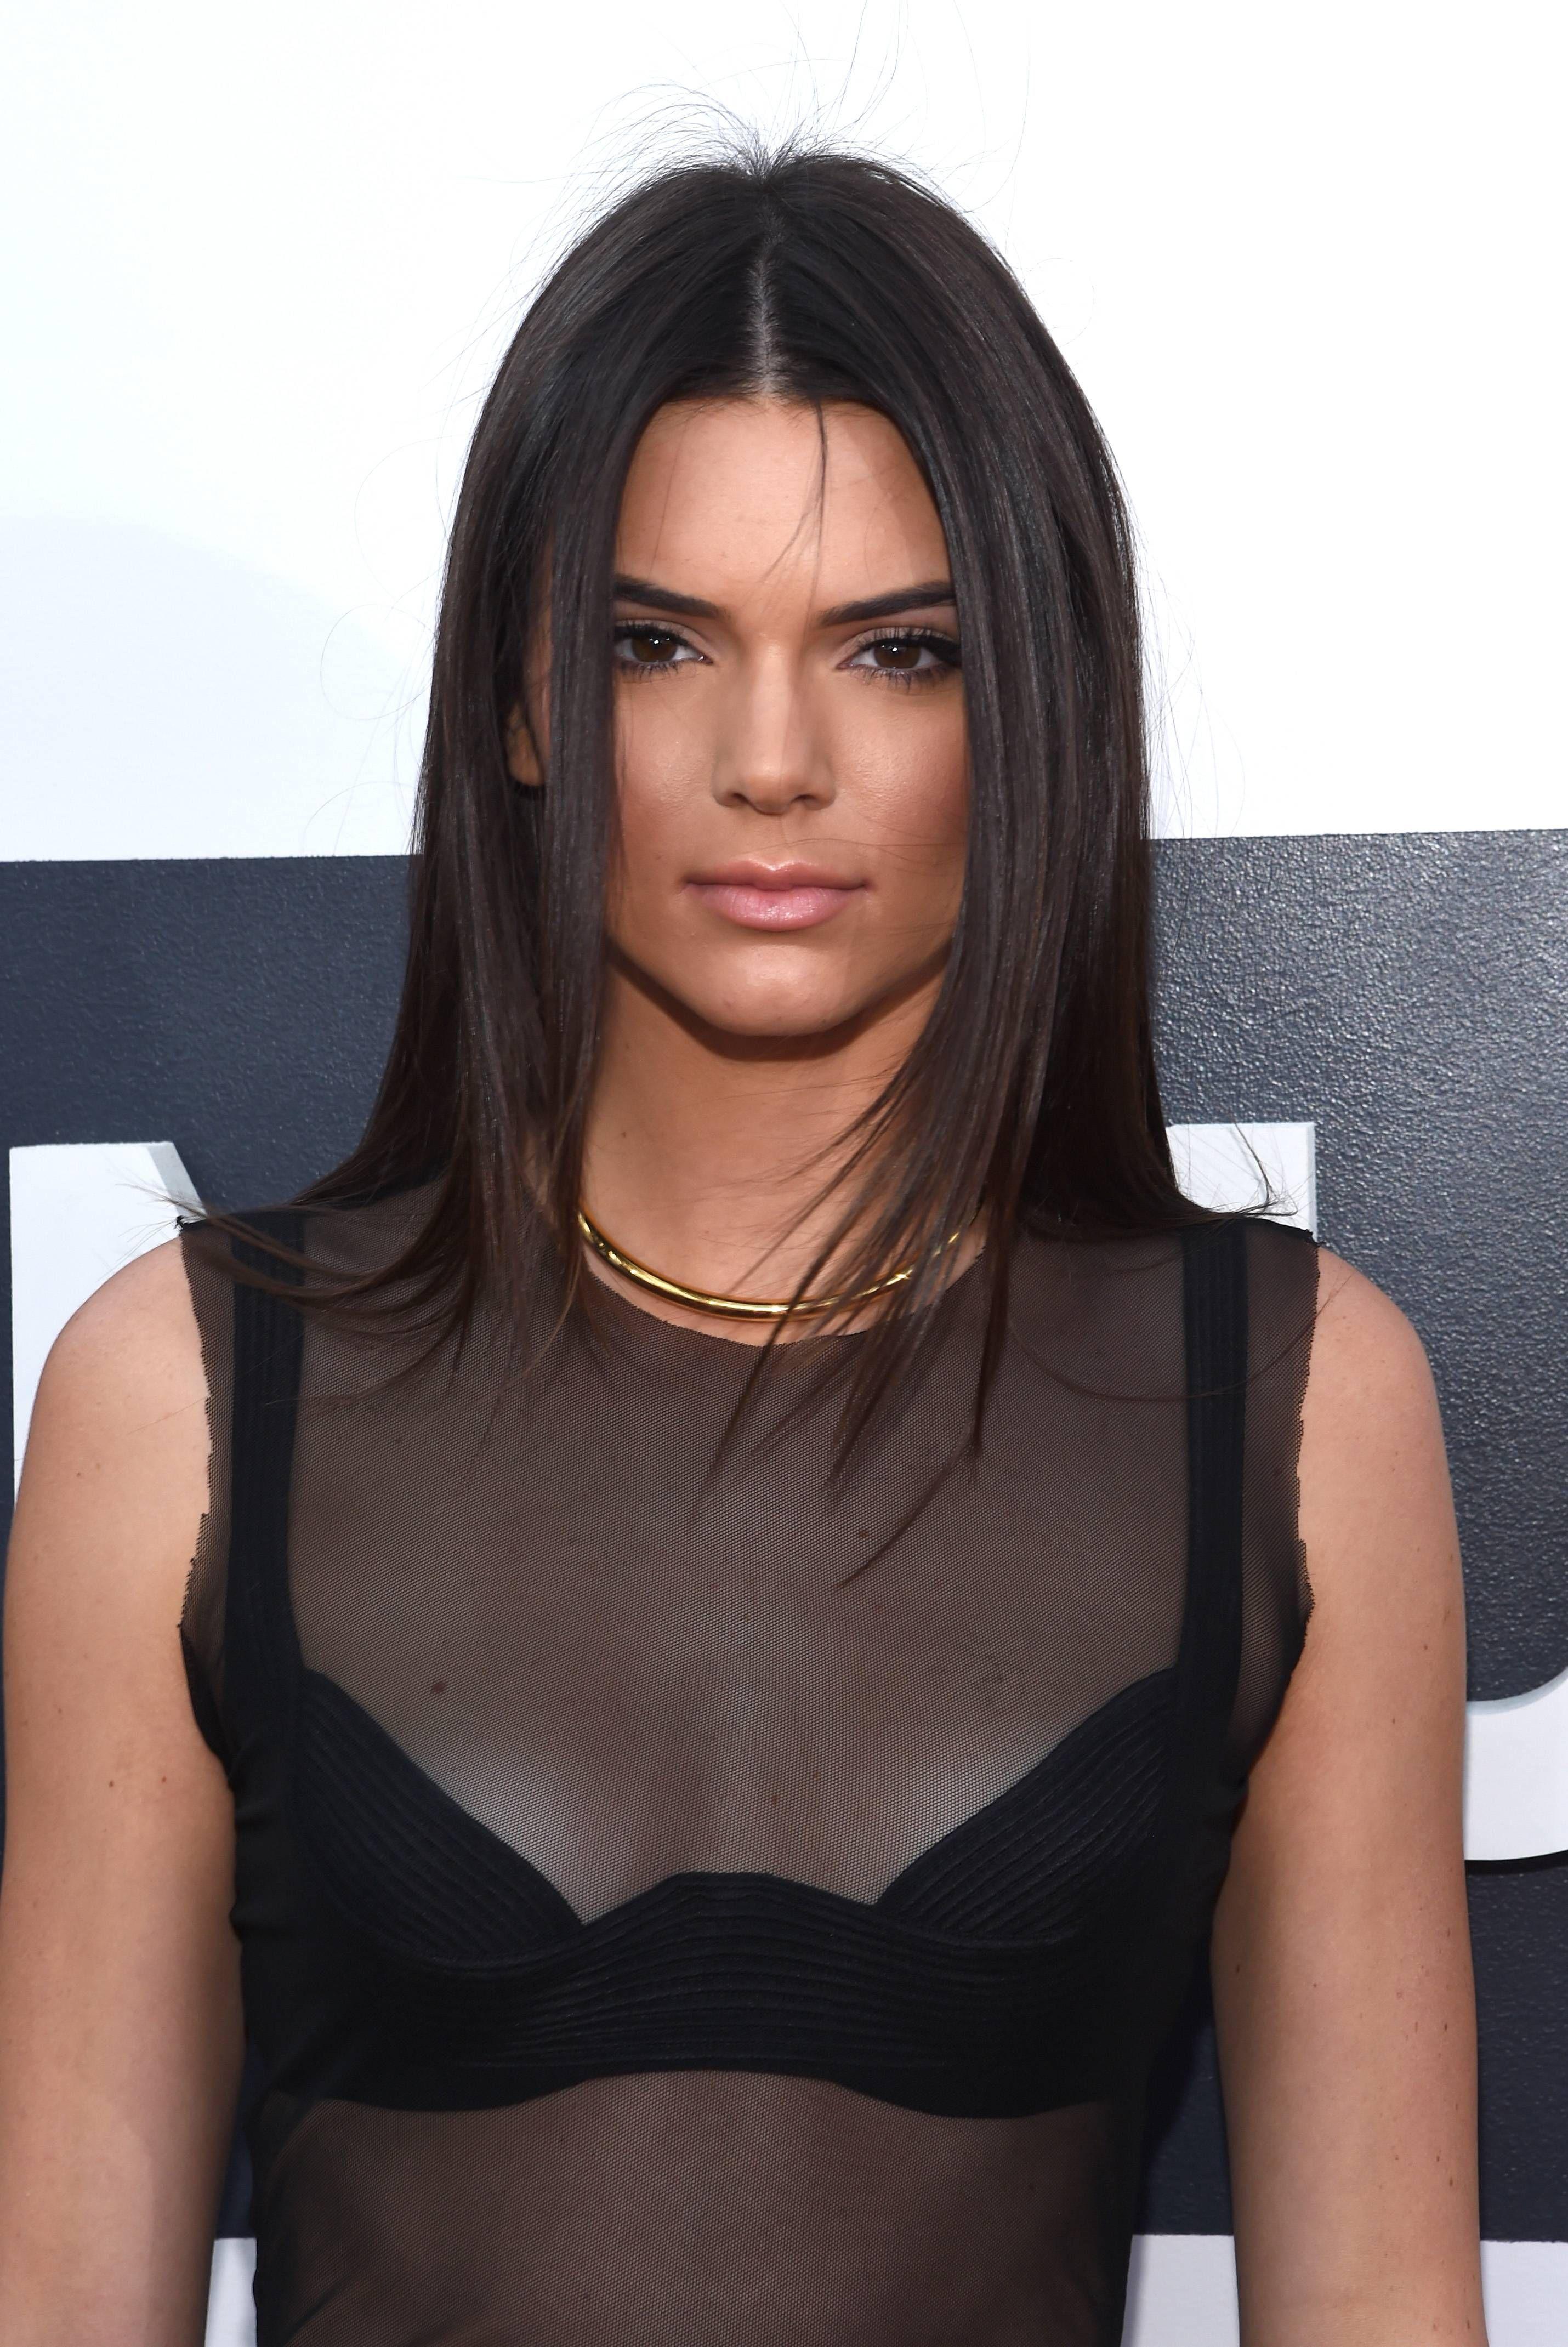 Kendall Jenner | Kendall Jenner | Pinterest